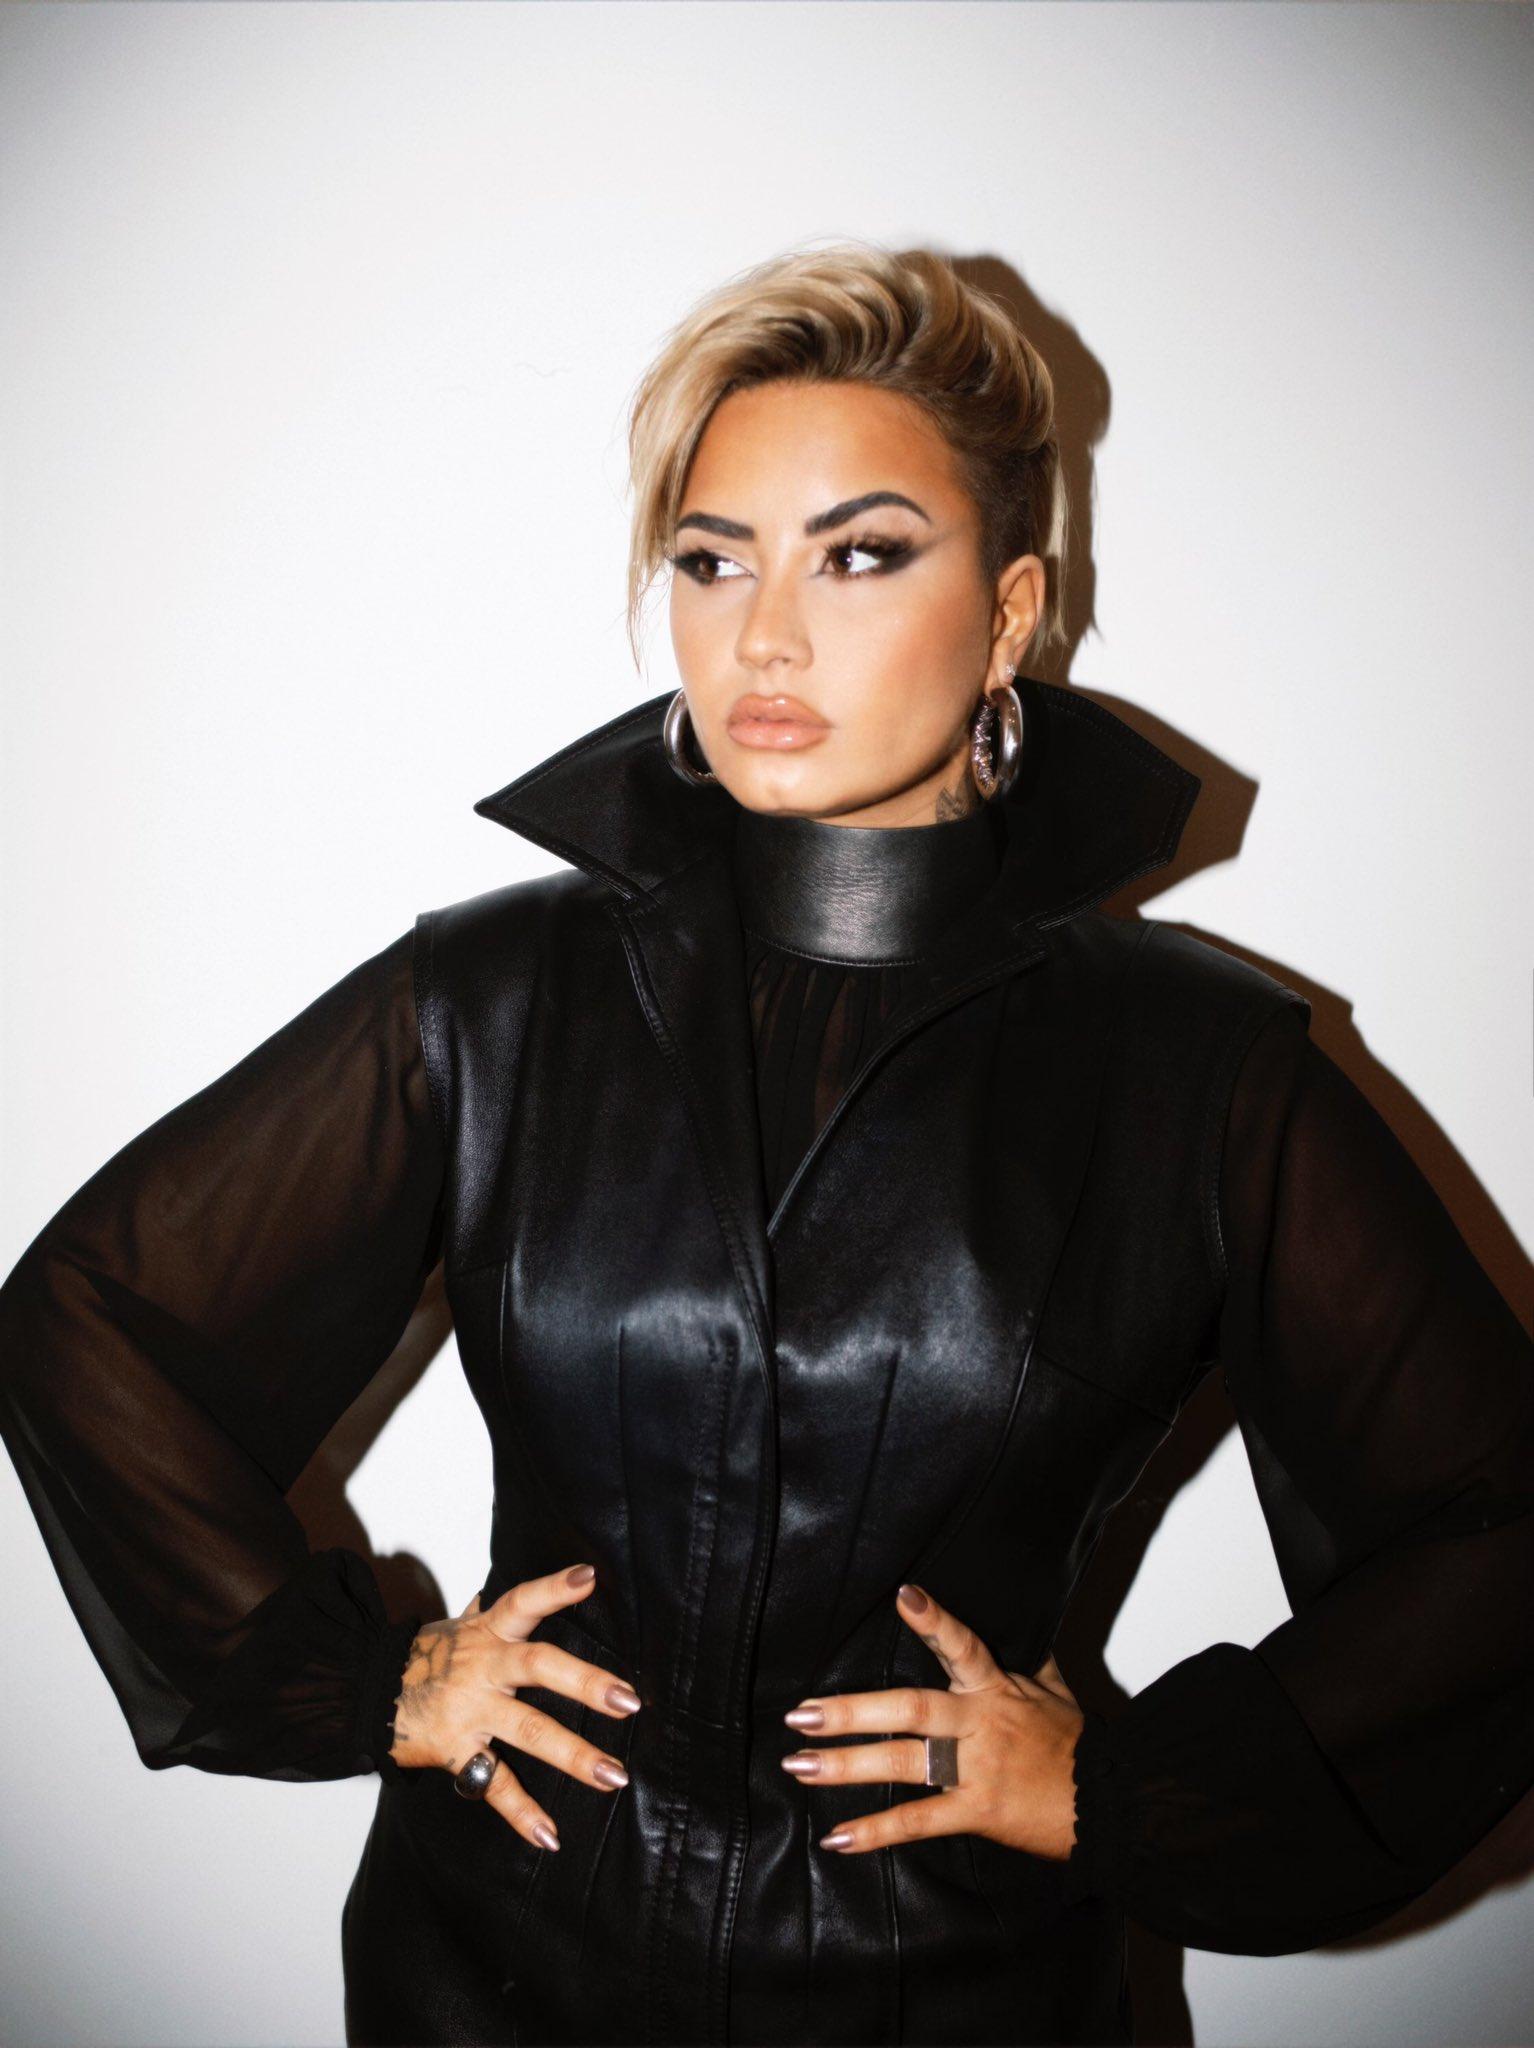 Demi Lovato Demi Lovato Wiki Fandom Jennifer lopez and dayvi, victor cardenas baila conmigo (2019). demi lovato demi lovato wiki fandom